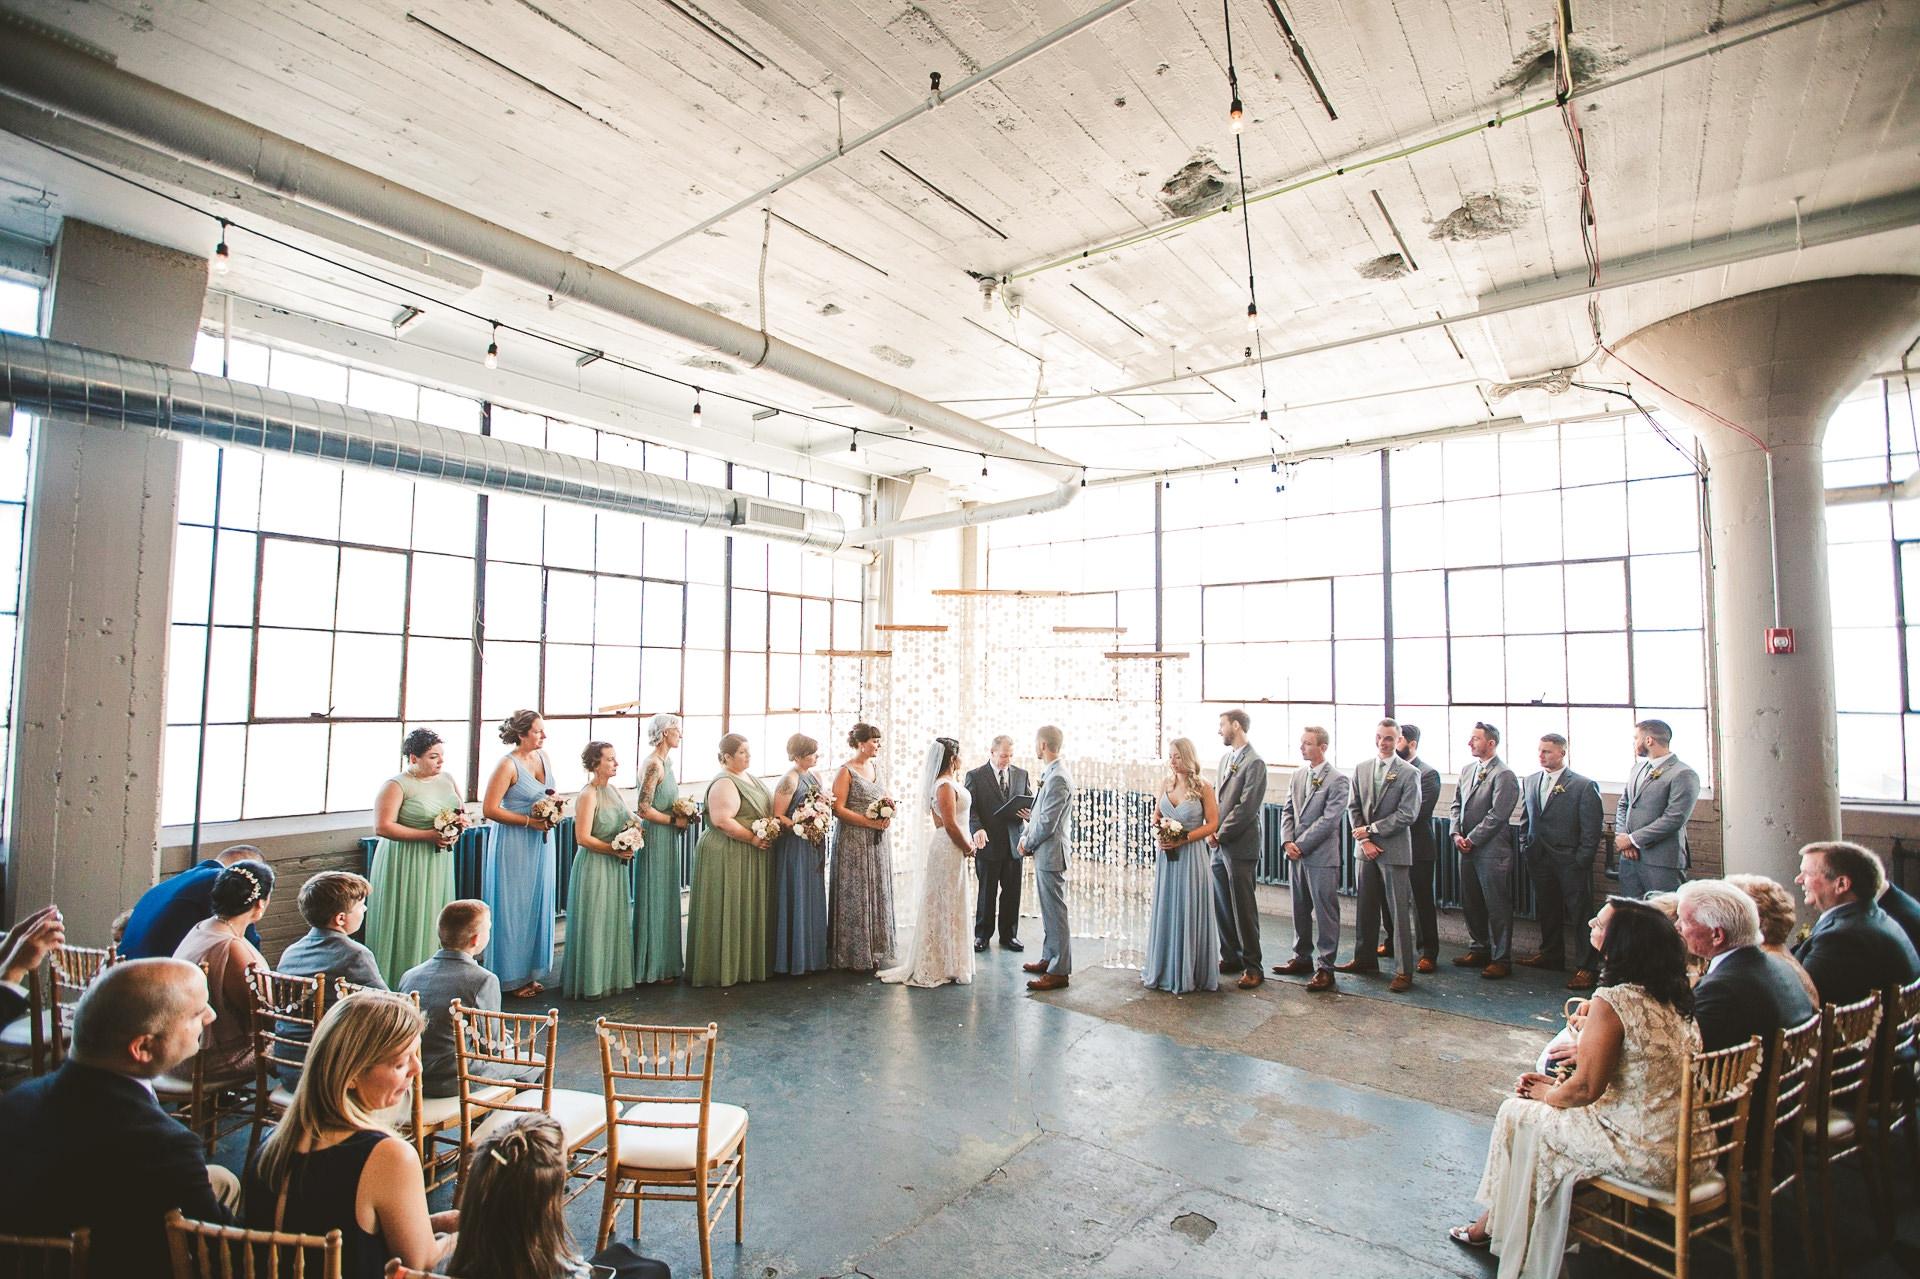 Lake Erie Building Wedding in Lakewood 46.jpg